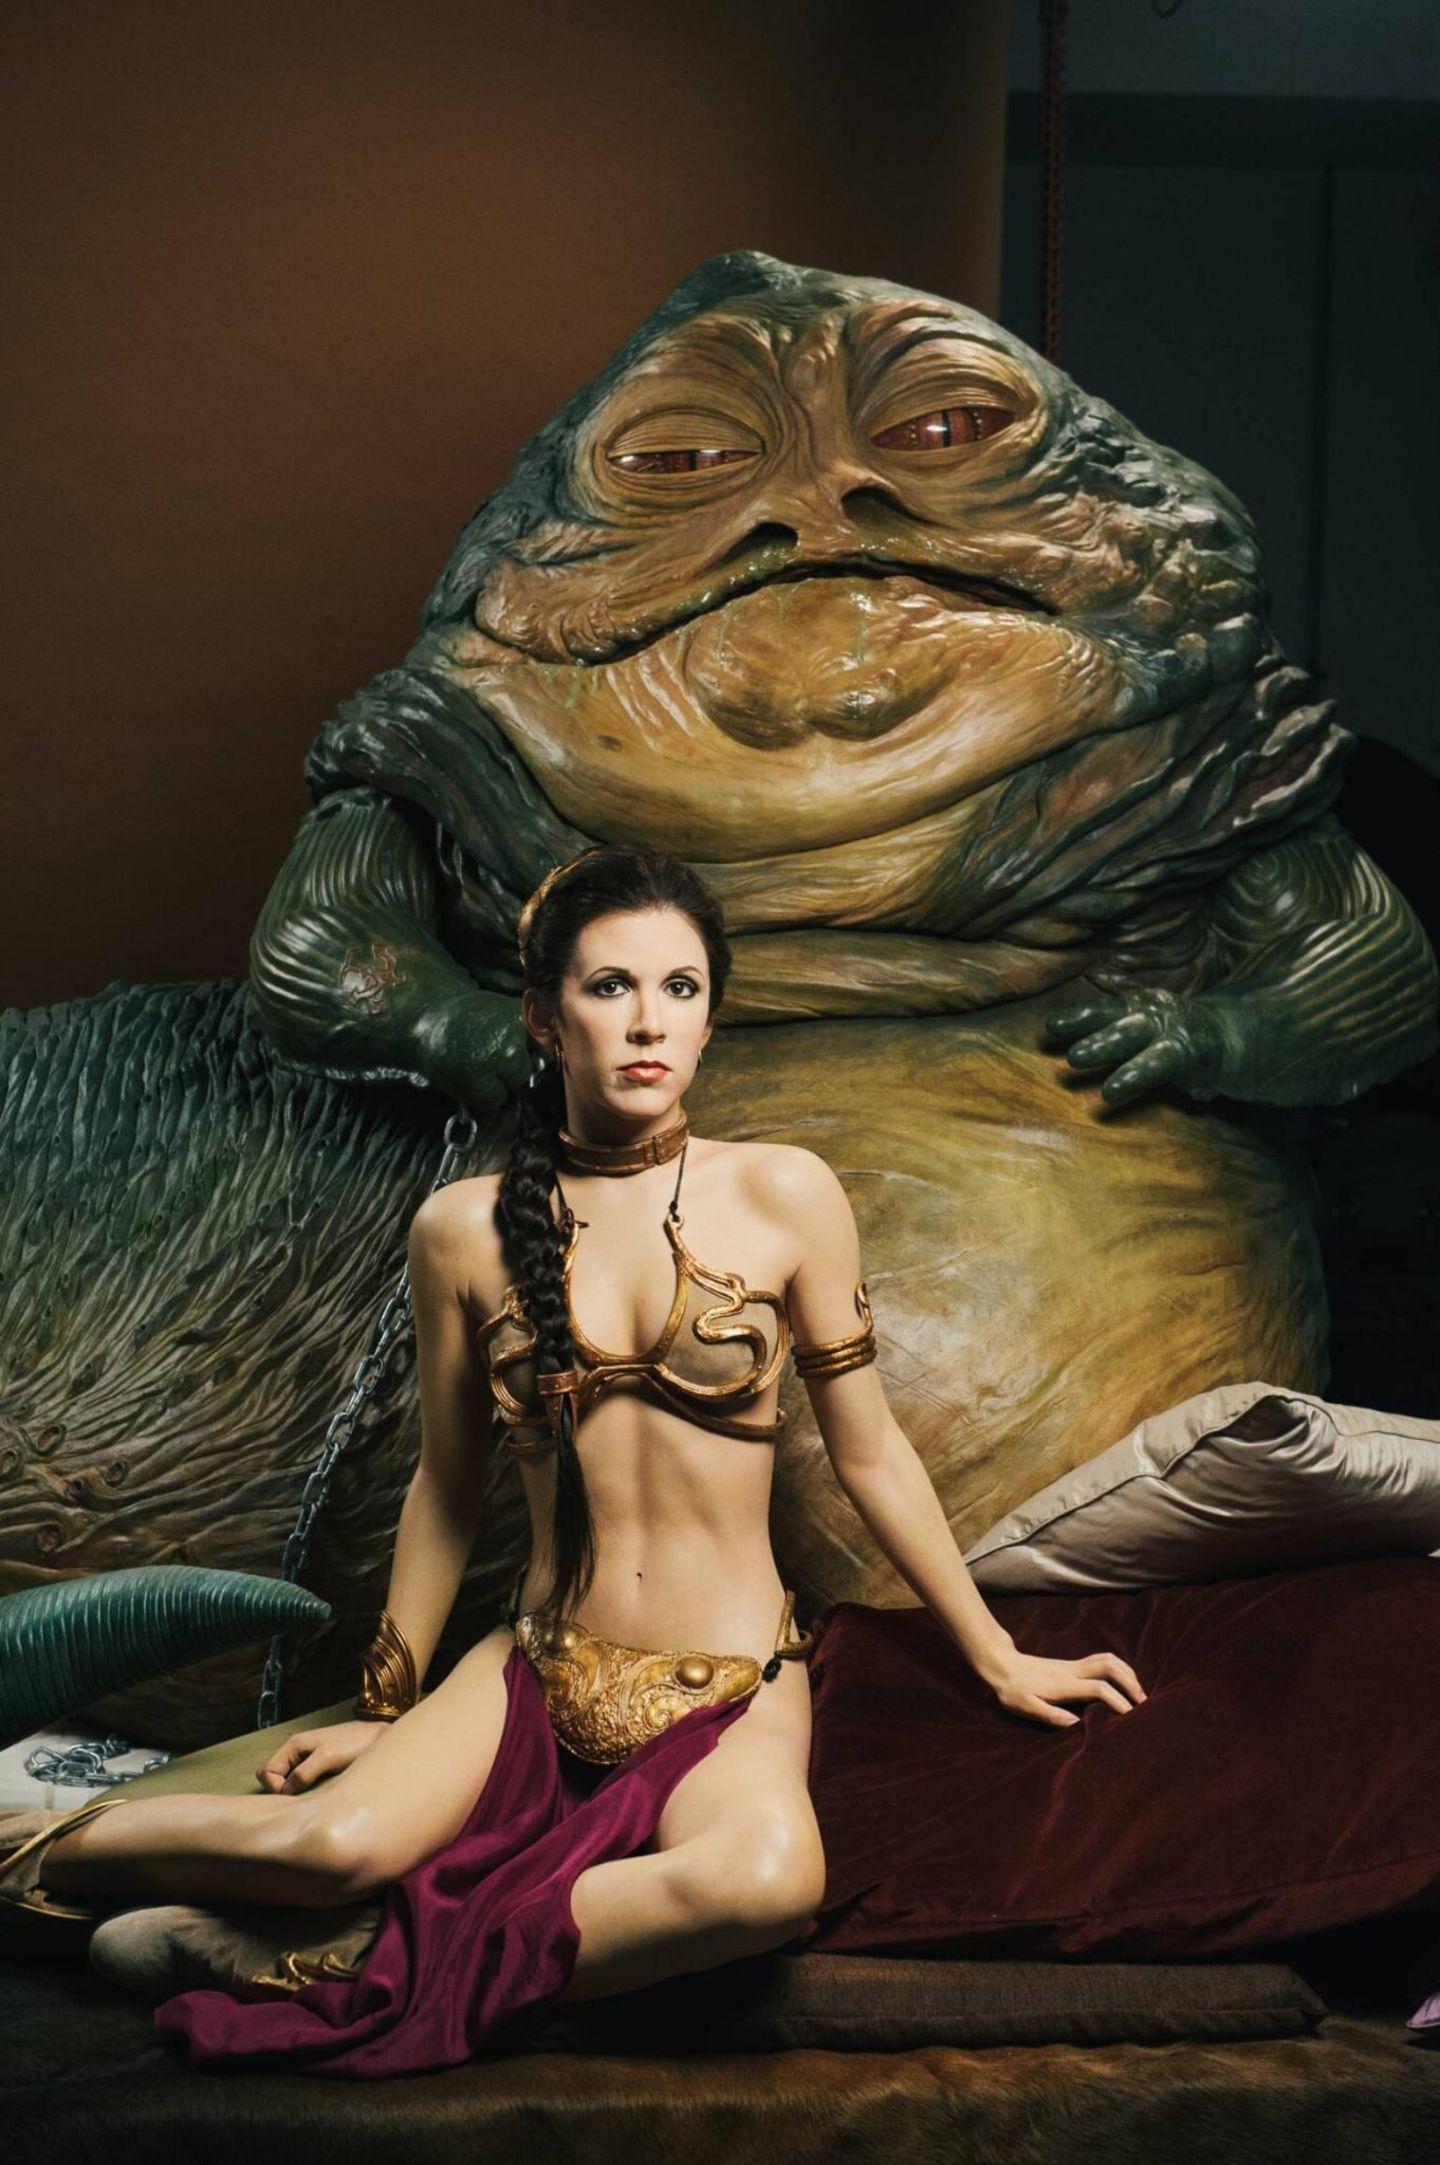 """Anlässlich der bevorstehenden """"Star Wars""""-Ausstellung bei Madame Tussauds in London werden die Wachsfiguren von Prinzessin Leia und Jabba the Hutt enthüllt."""